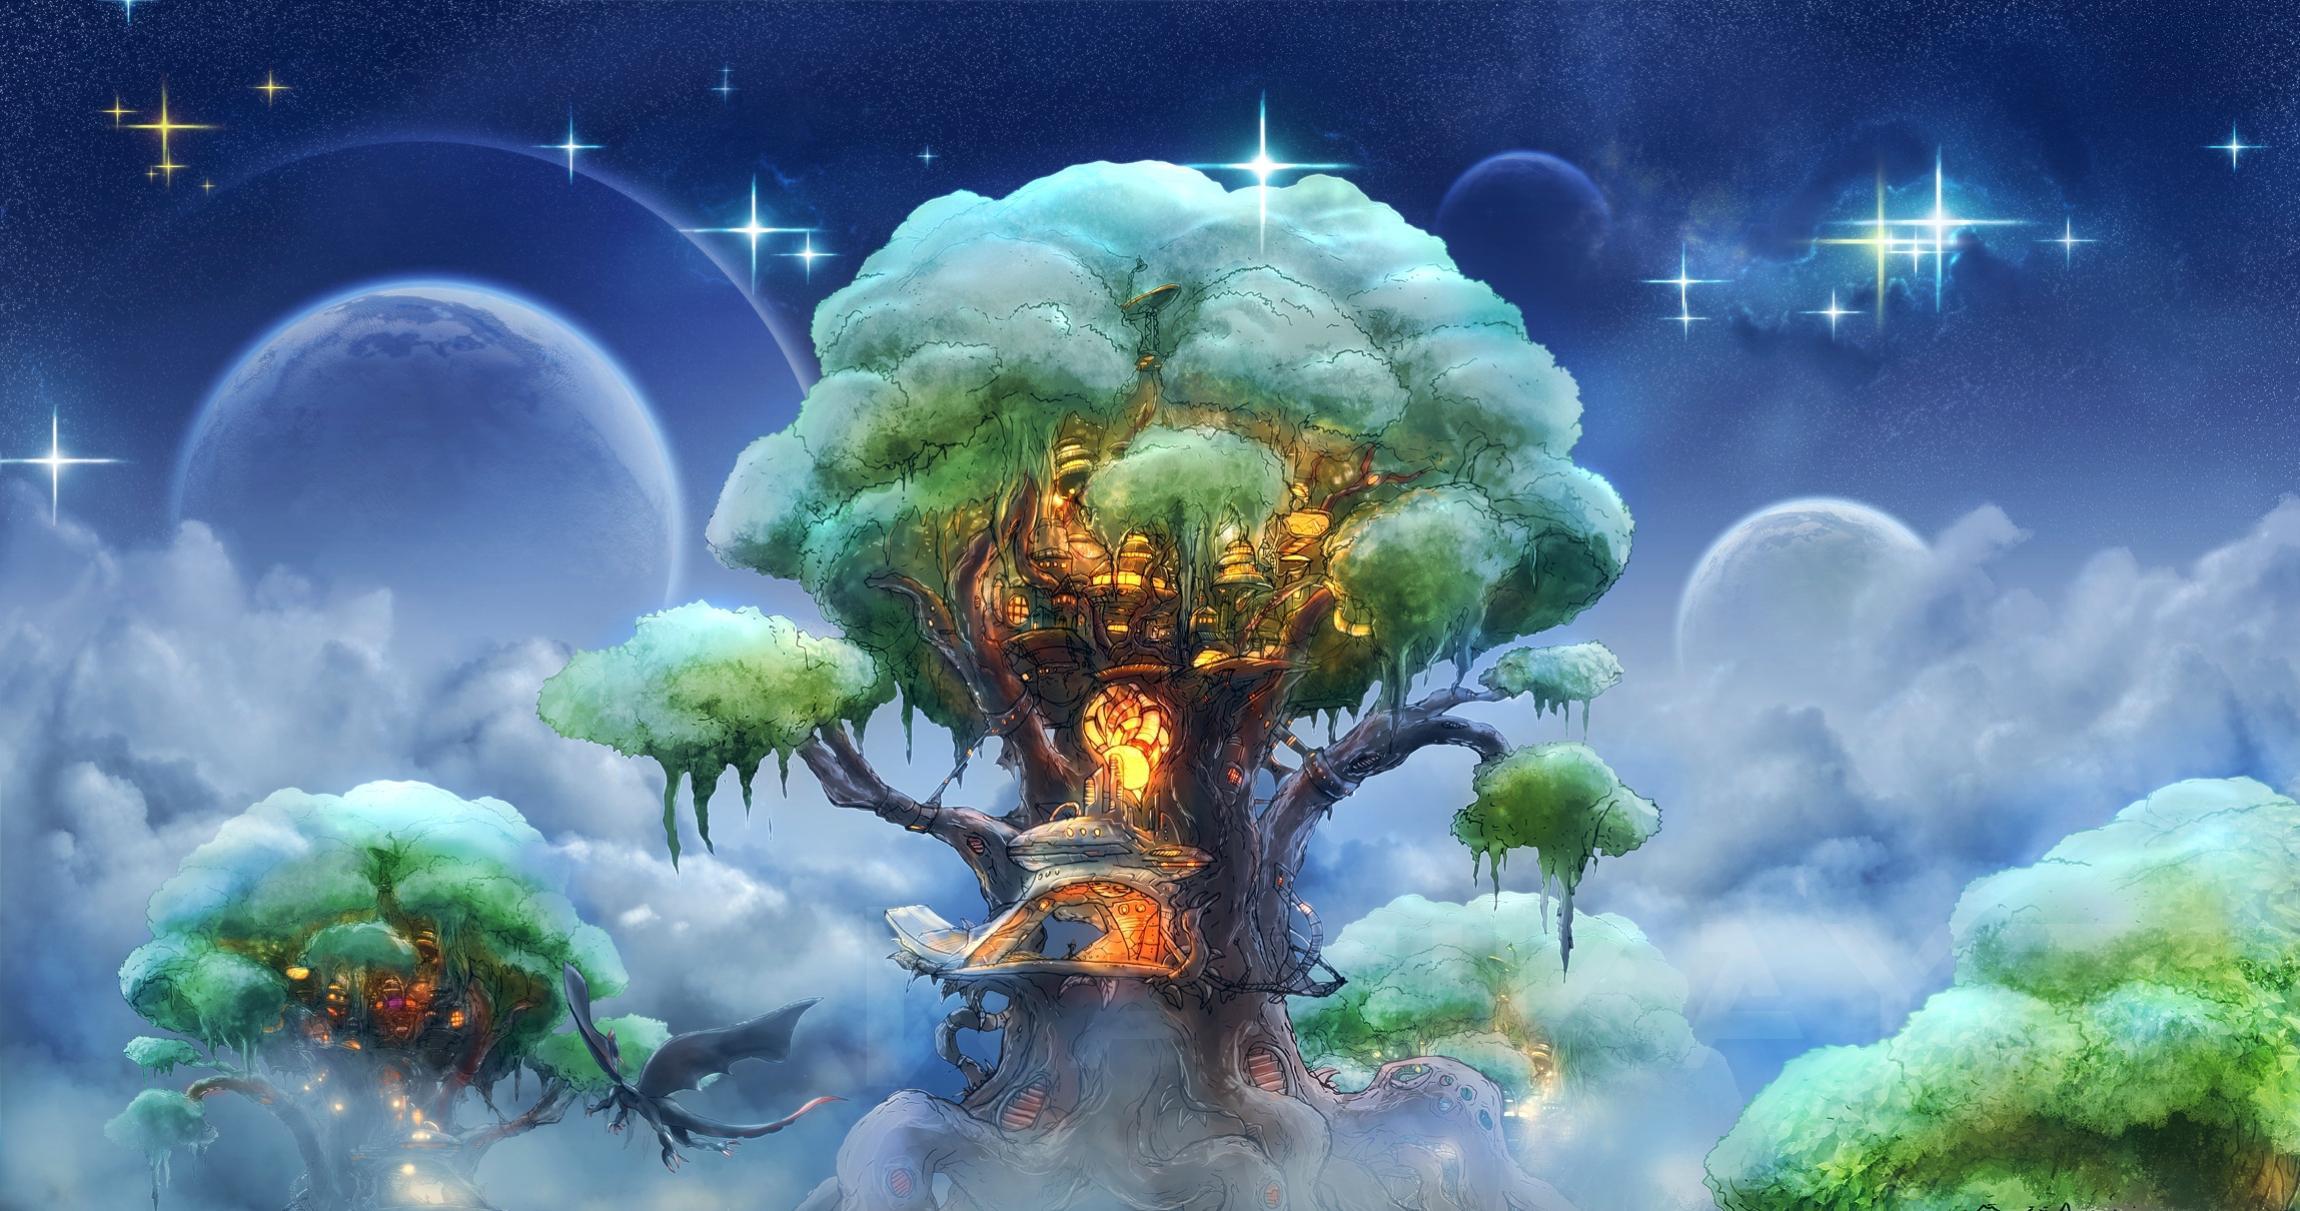 Fantasy Art Wallpaper Free, Fantasy Art Wallpapers | Fantasy Art